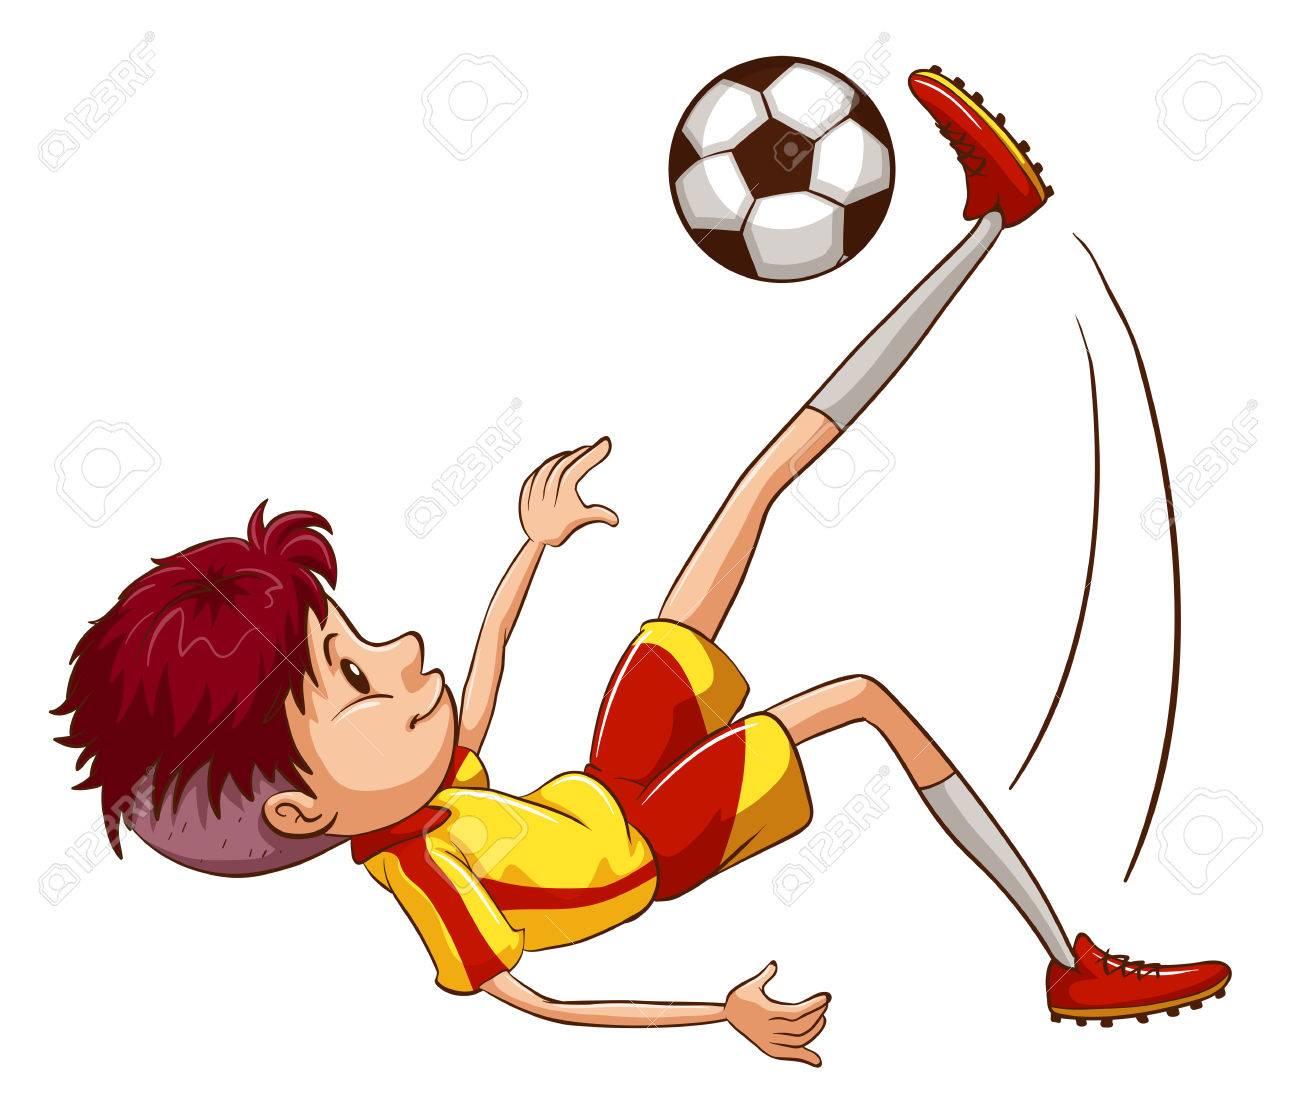 Ilustración De Un Simple Boceto Coloreado De Un Jugador De Fútbol ...